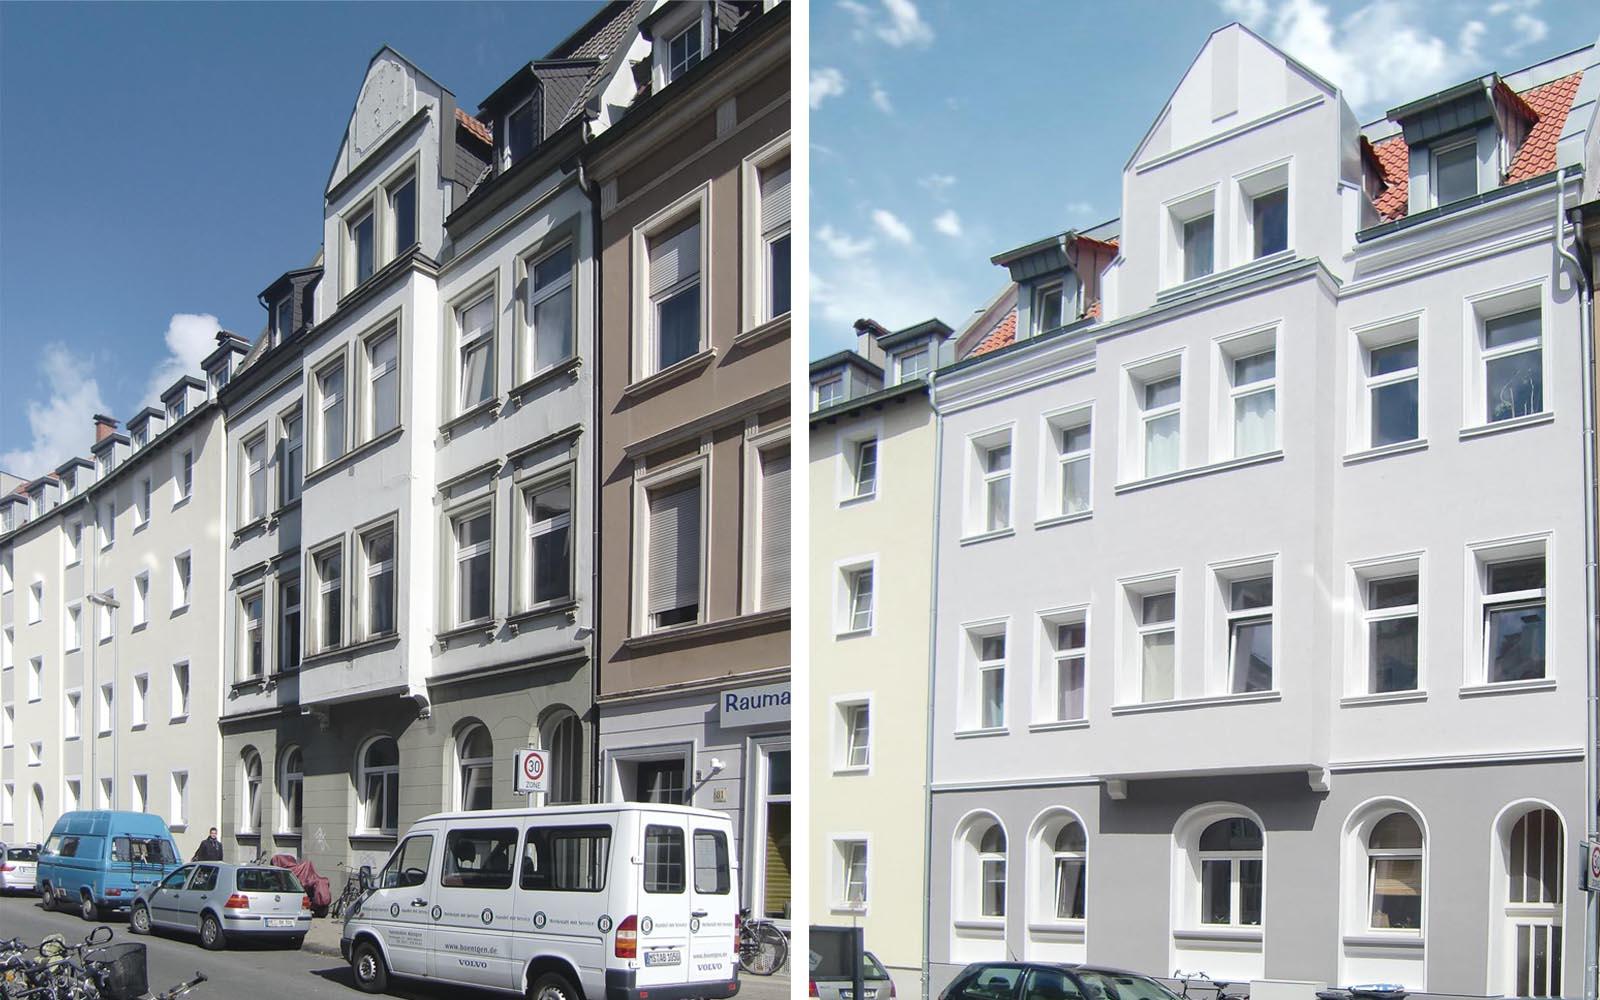 KUK_SteinwegClausArchitekten_Mehrfamilienhaus_Wärmeschutz_Sanierung_Muenster_00001